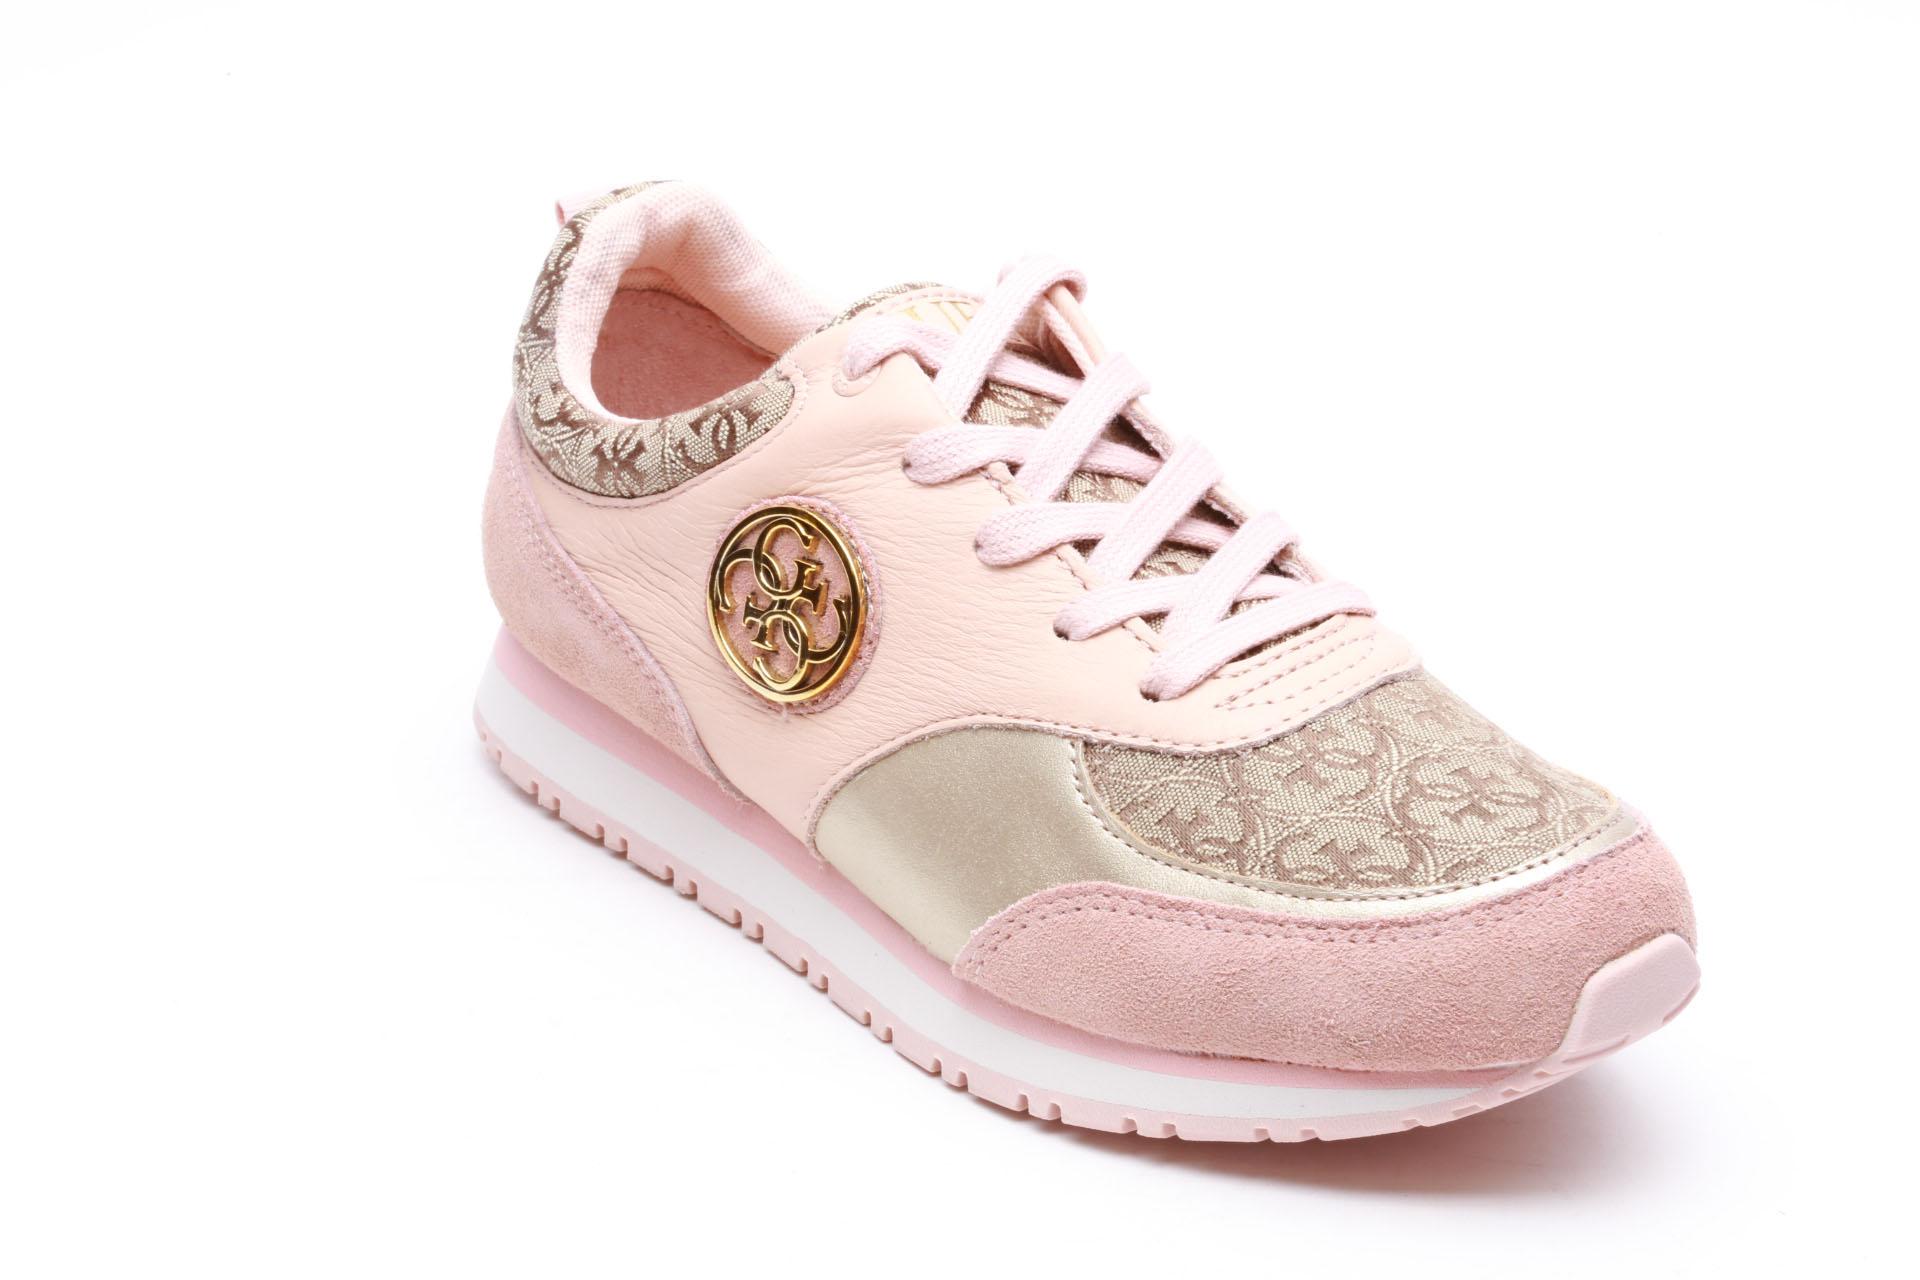 Dieci siti dove comprare sneakers donna 4d5c491fb1f